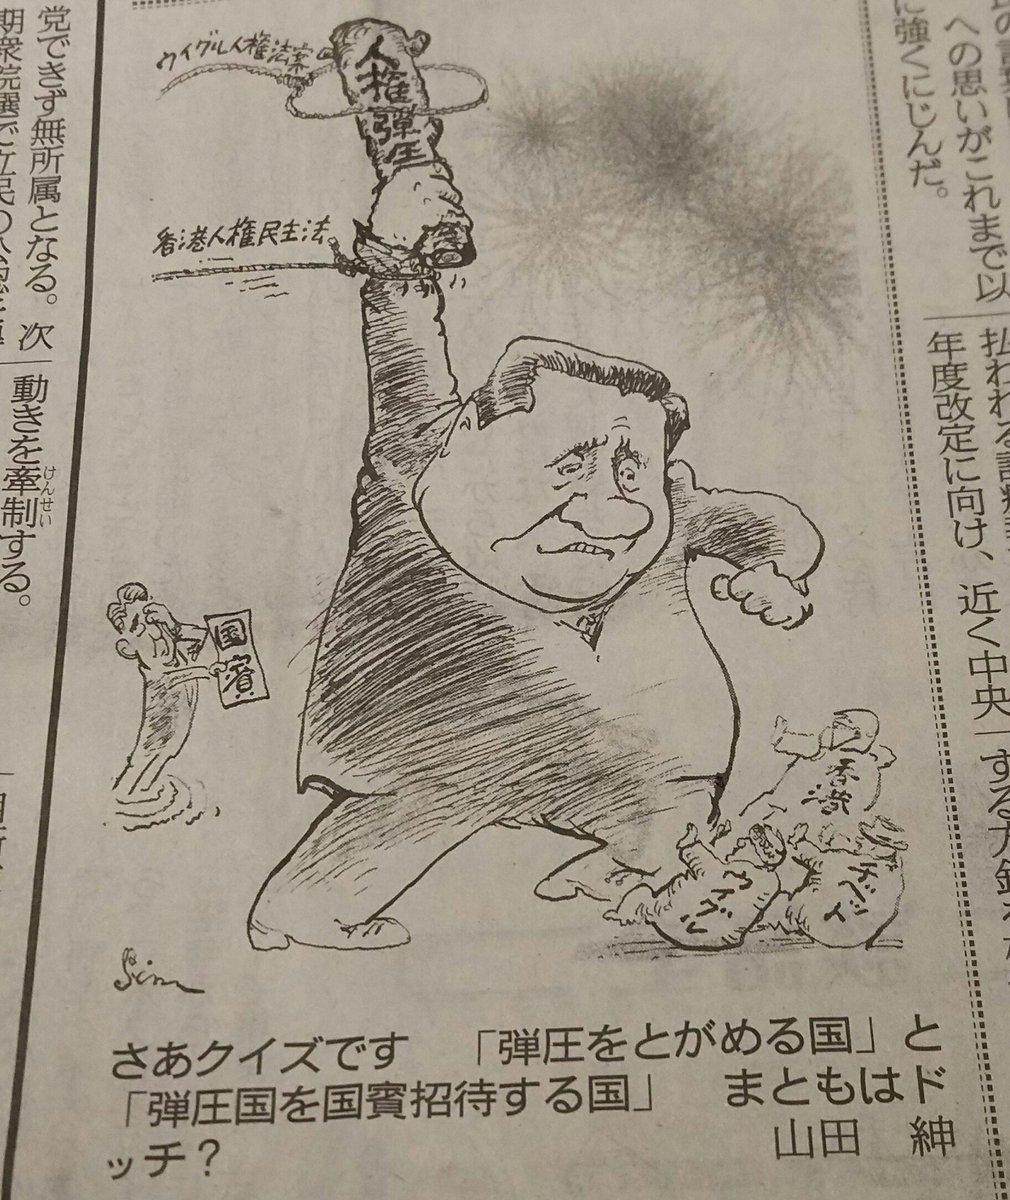 """天安門事件では孤立した中国を経済制裁から解き放ち、天皇訪中まで実現して助けた日本。今回は習近平国賓来日でチベット、ウィグル、香港で""""何もなかった""""ことにしてあげるのか。人権を巡る国際社会の凄まじい闘いの中で中国に味方する安倍政権。産経の風刺画で今が""""歴史の分岐点""""である事を認識せよ。"""